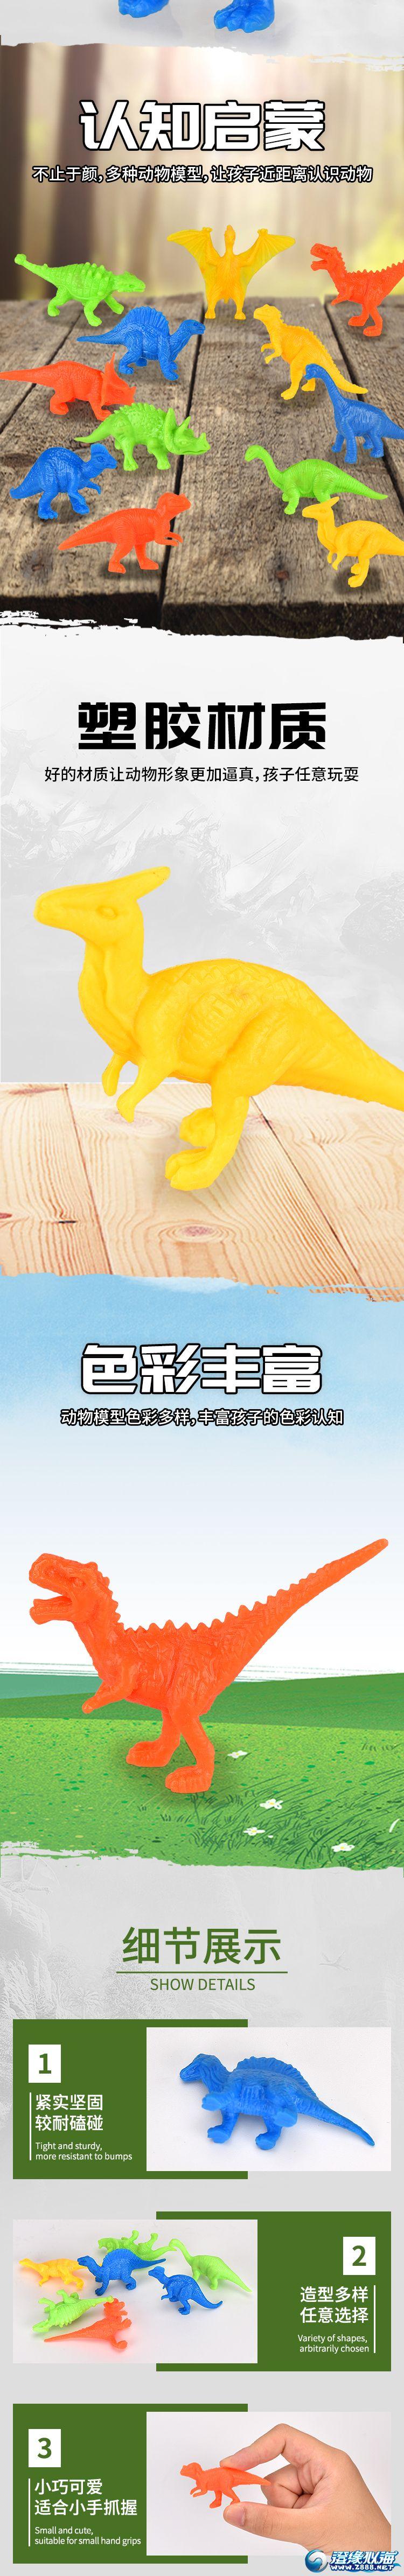 润东玩具厂-(1369A-10)-动物模型-中文版详情页_02.jpg